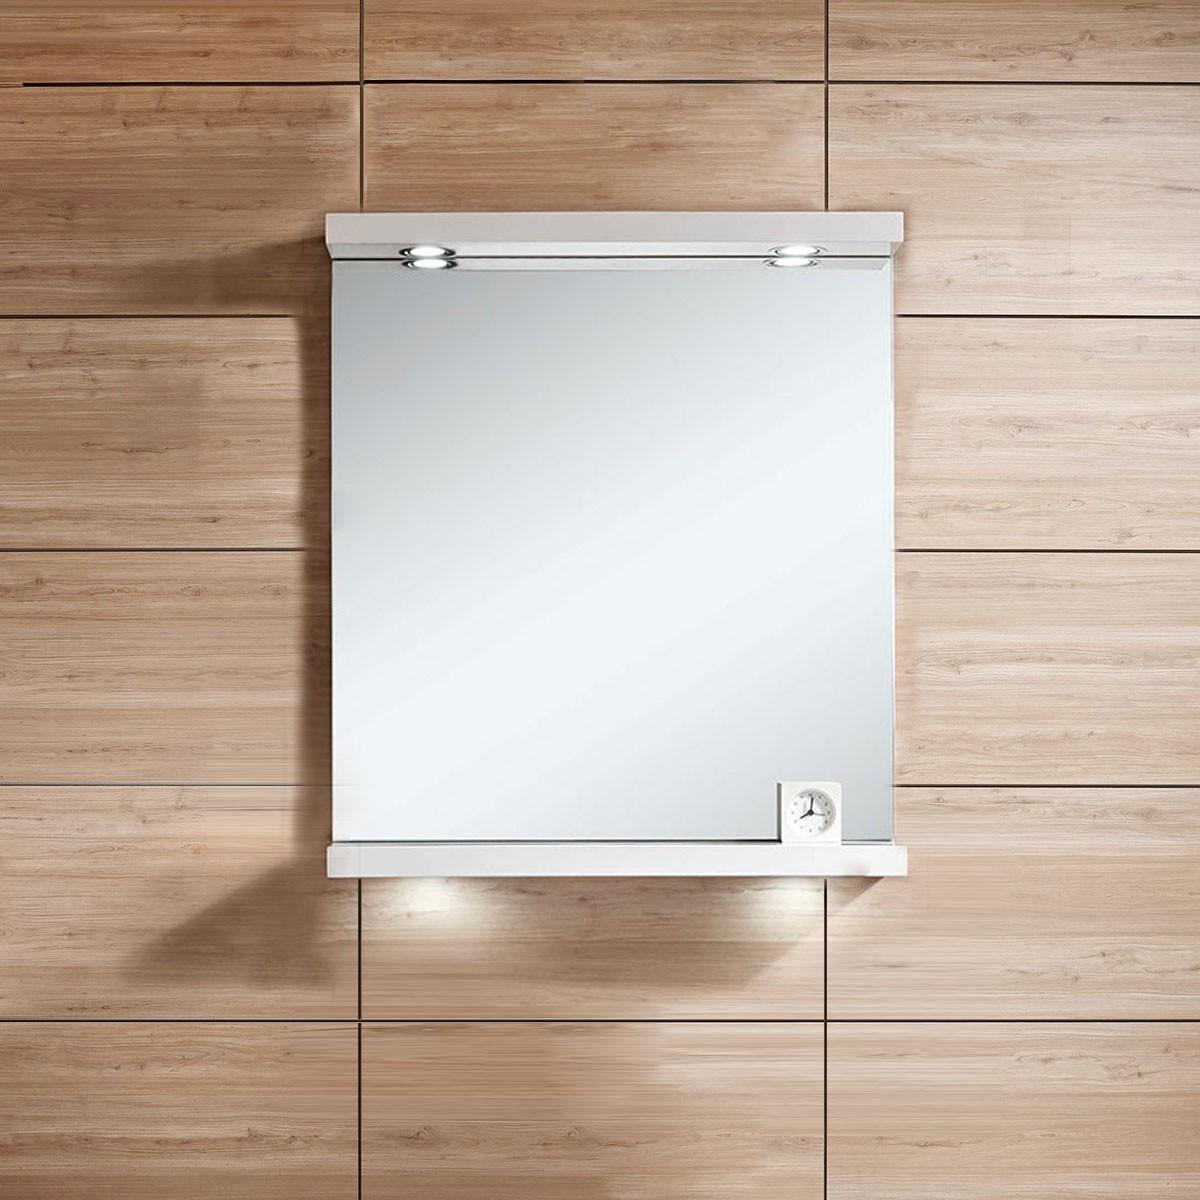 28 x 31 In. Bathroom Vanity Mirror (DK-606800-M)